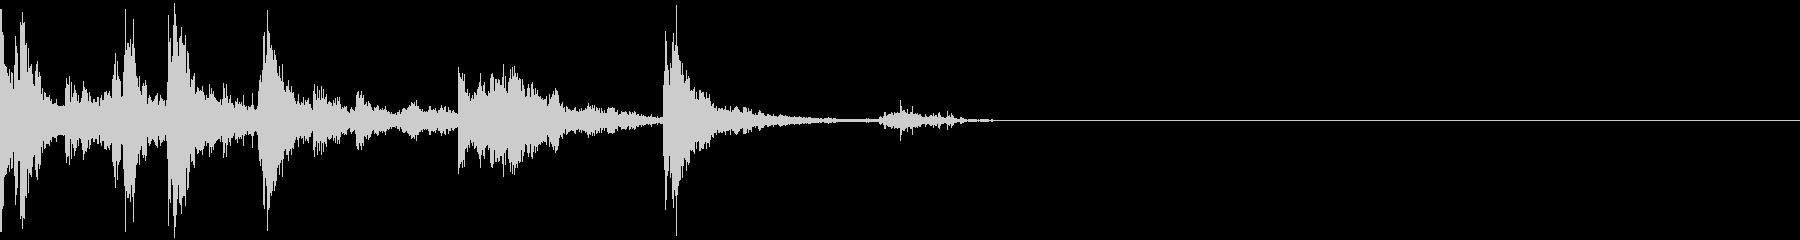 ジャンクパイルに投げられたジャンクの未再生の波形